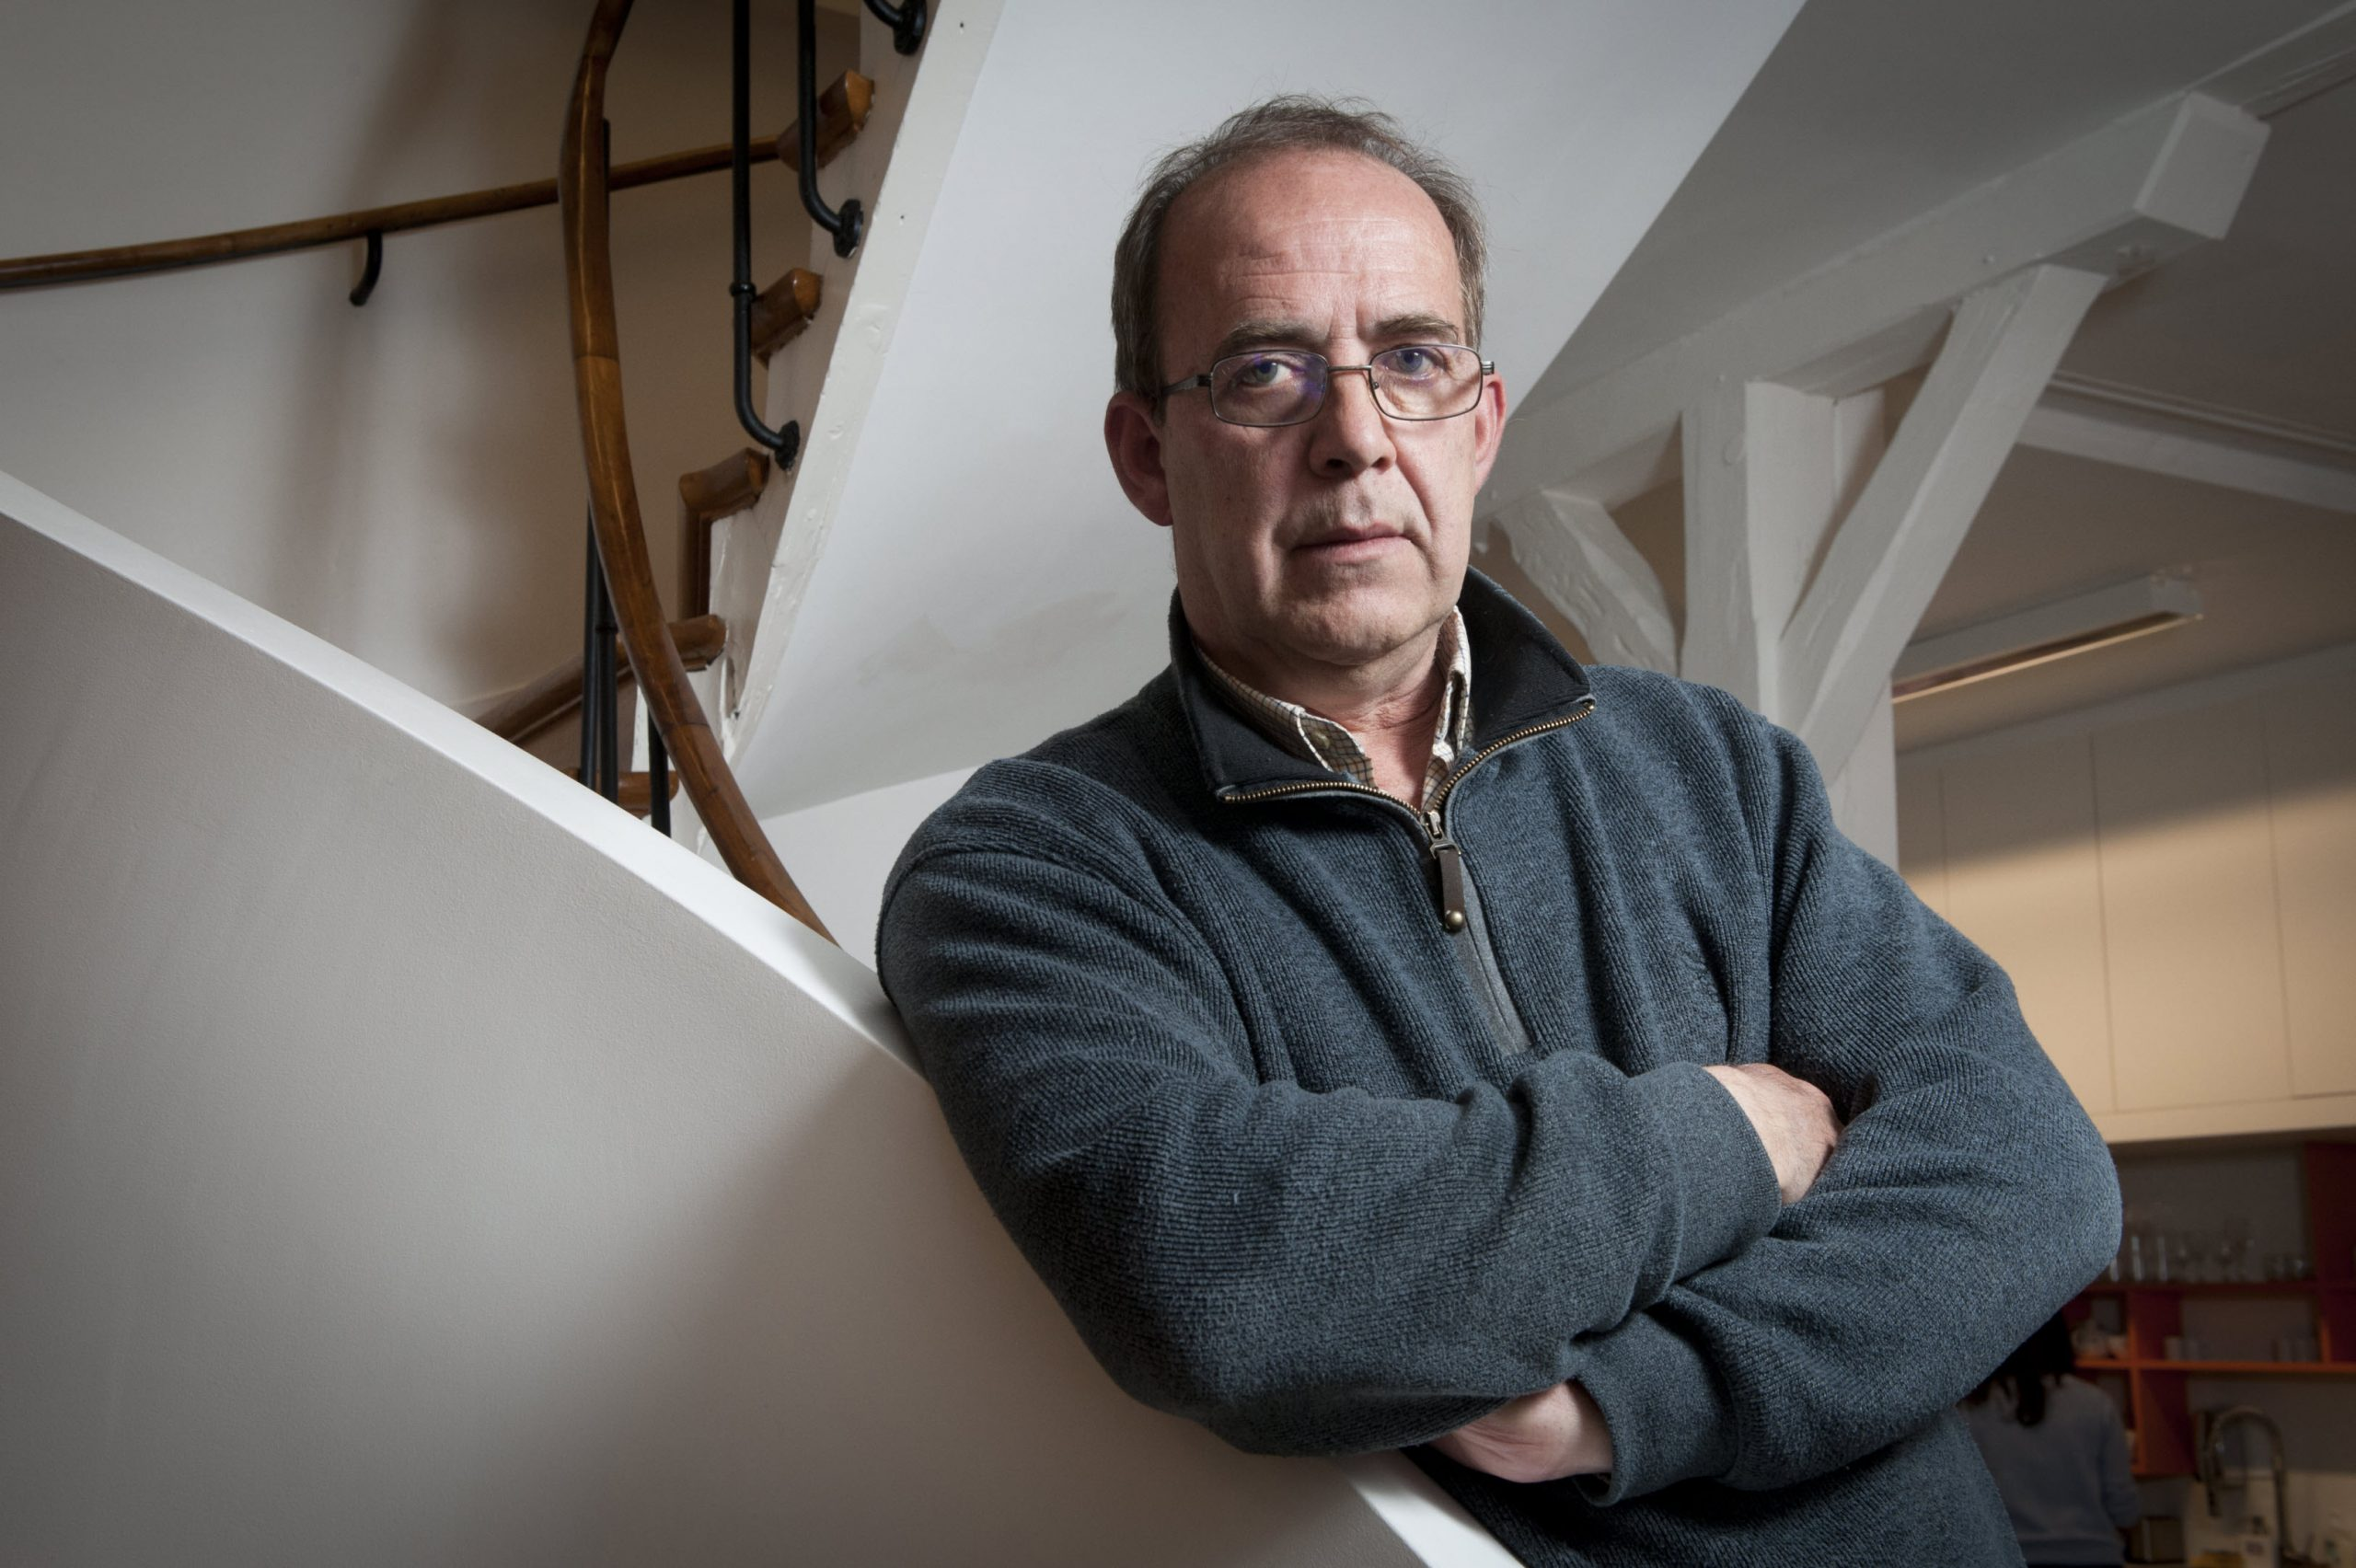 Le journaliste Patrick de Saint Exupéry, auteur de «La Traversée» et fondateur de la revue «XXI»., à Paris, le 10 mars 2021.